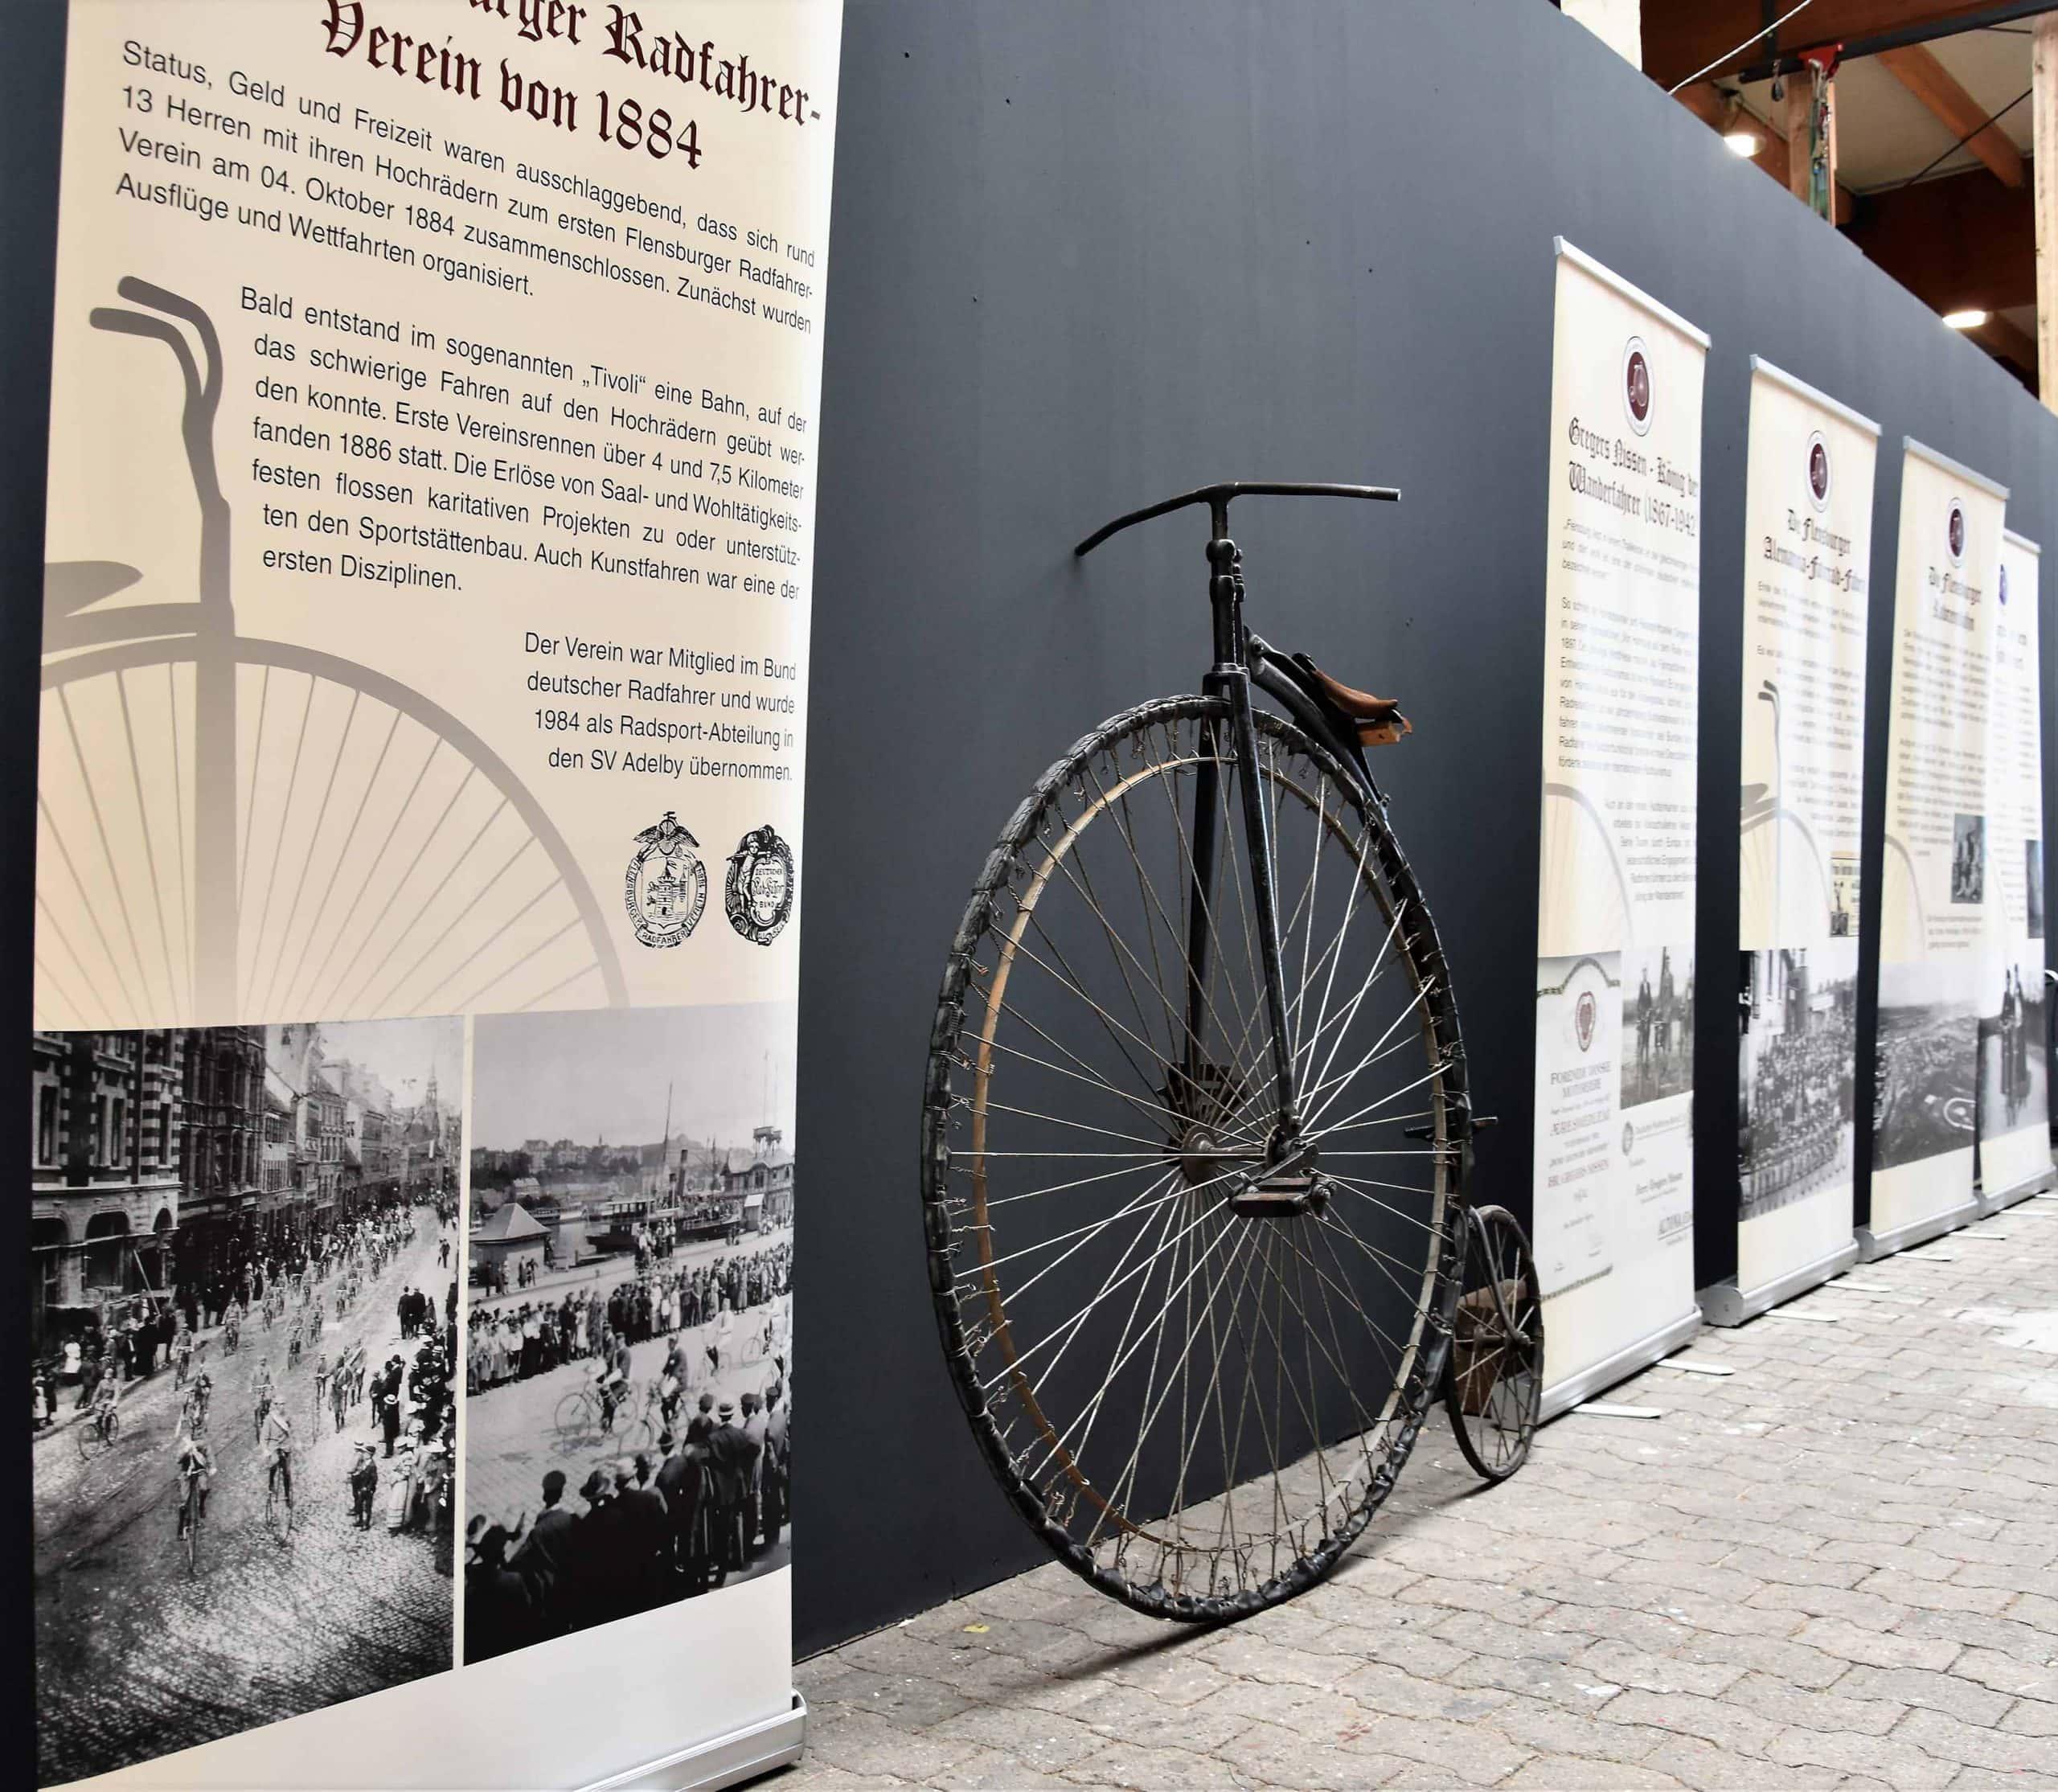 Auch der Klimapakt Flensburg e.V. präsentiert sich mit seiner kleinen Ausstellung zur Flensburger Fahrradgeschichte bei Robbe & Berking.